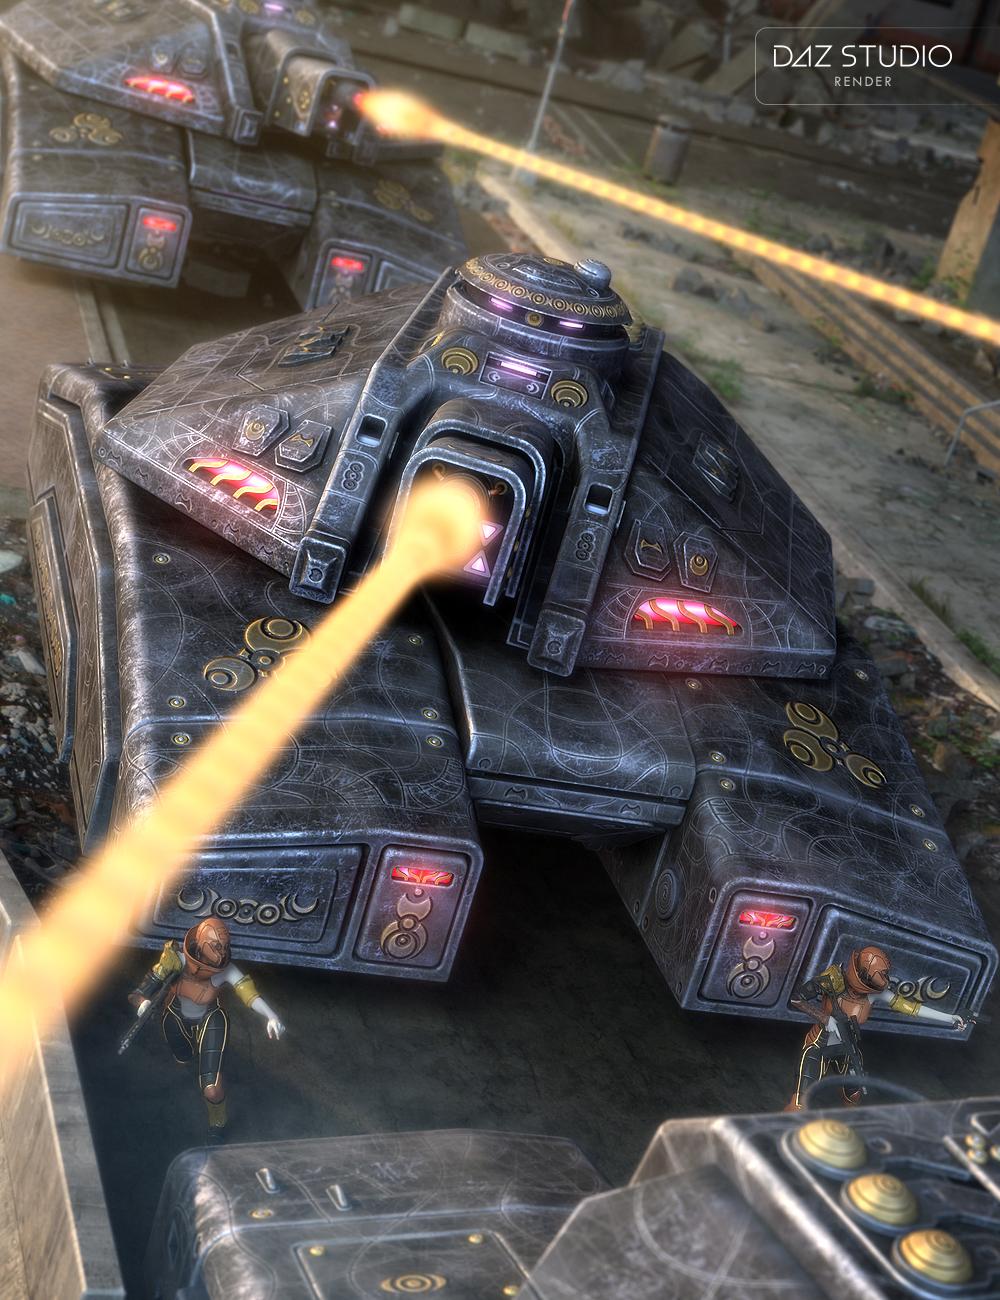 Valiant Tank by: petipet, 3D Models by Daz 3D